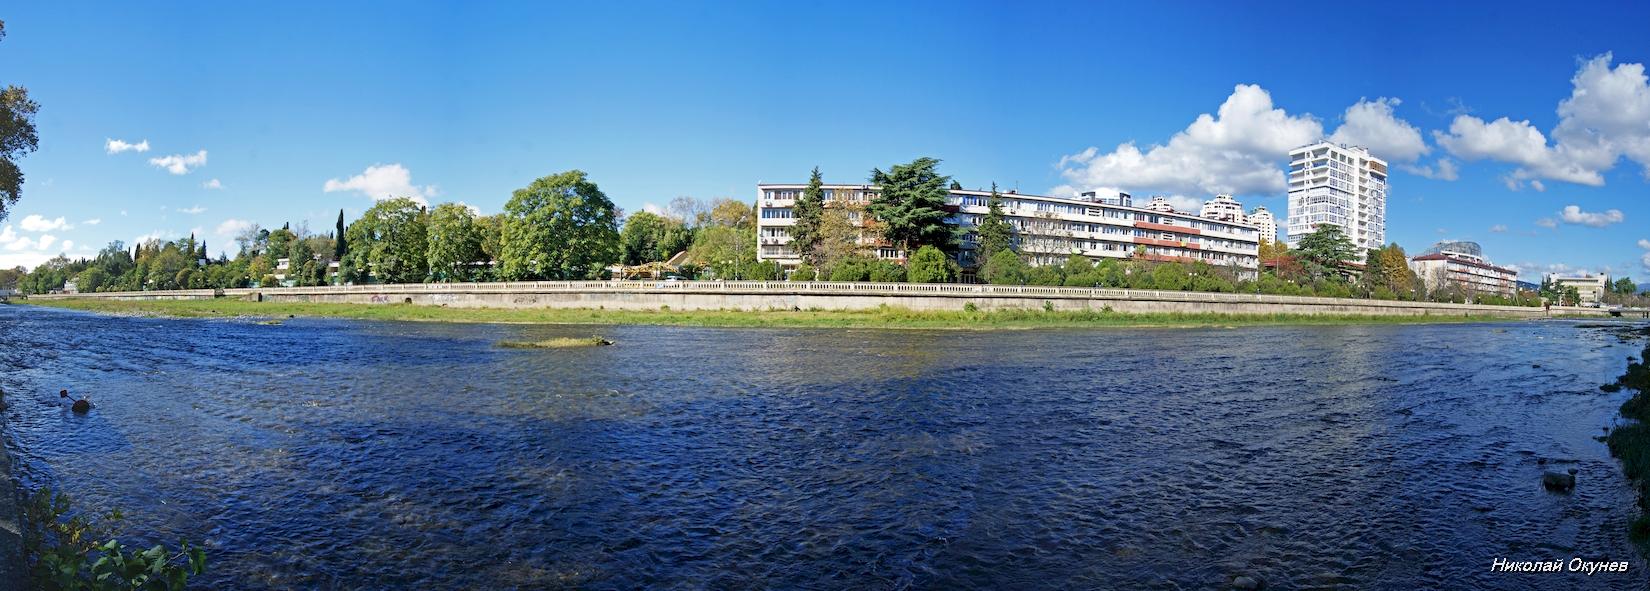 Набережная реки Сочи.jpg